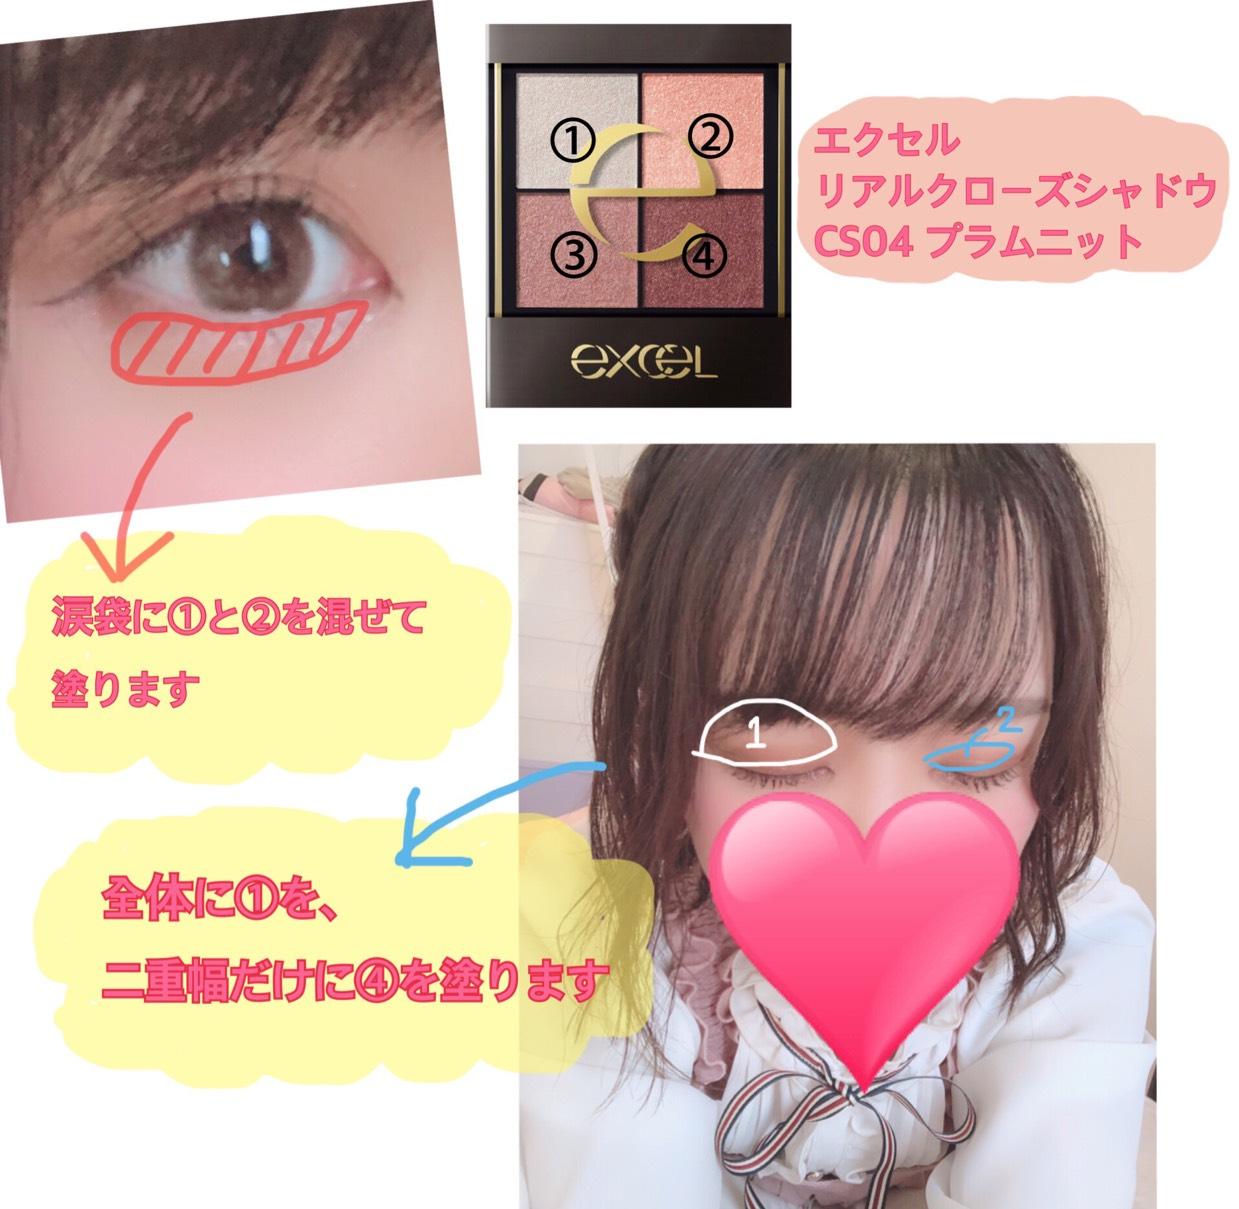 上瞼のアイシャドウは指でのせる派です! 濃くならないよう薄くひろげることがポイントです^ ^ 涙袋は付属のチップでつけてます☺︎